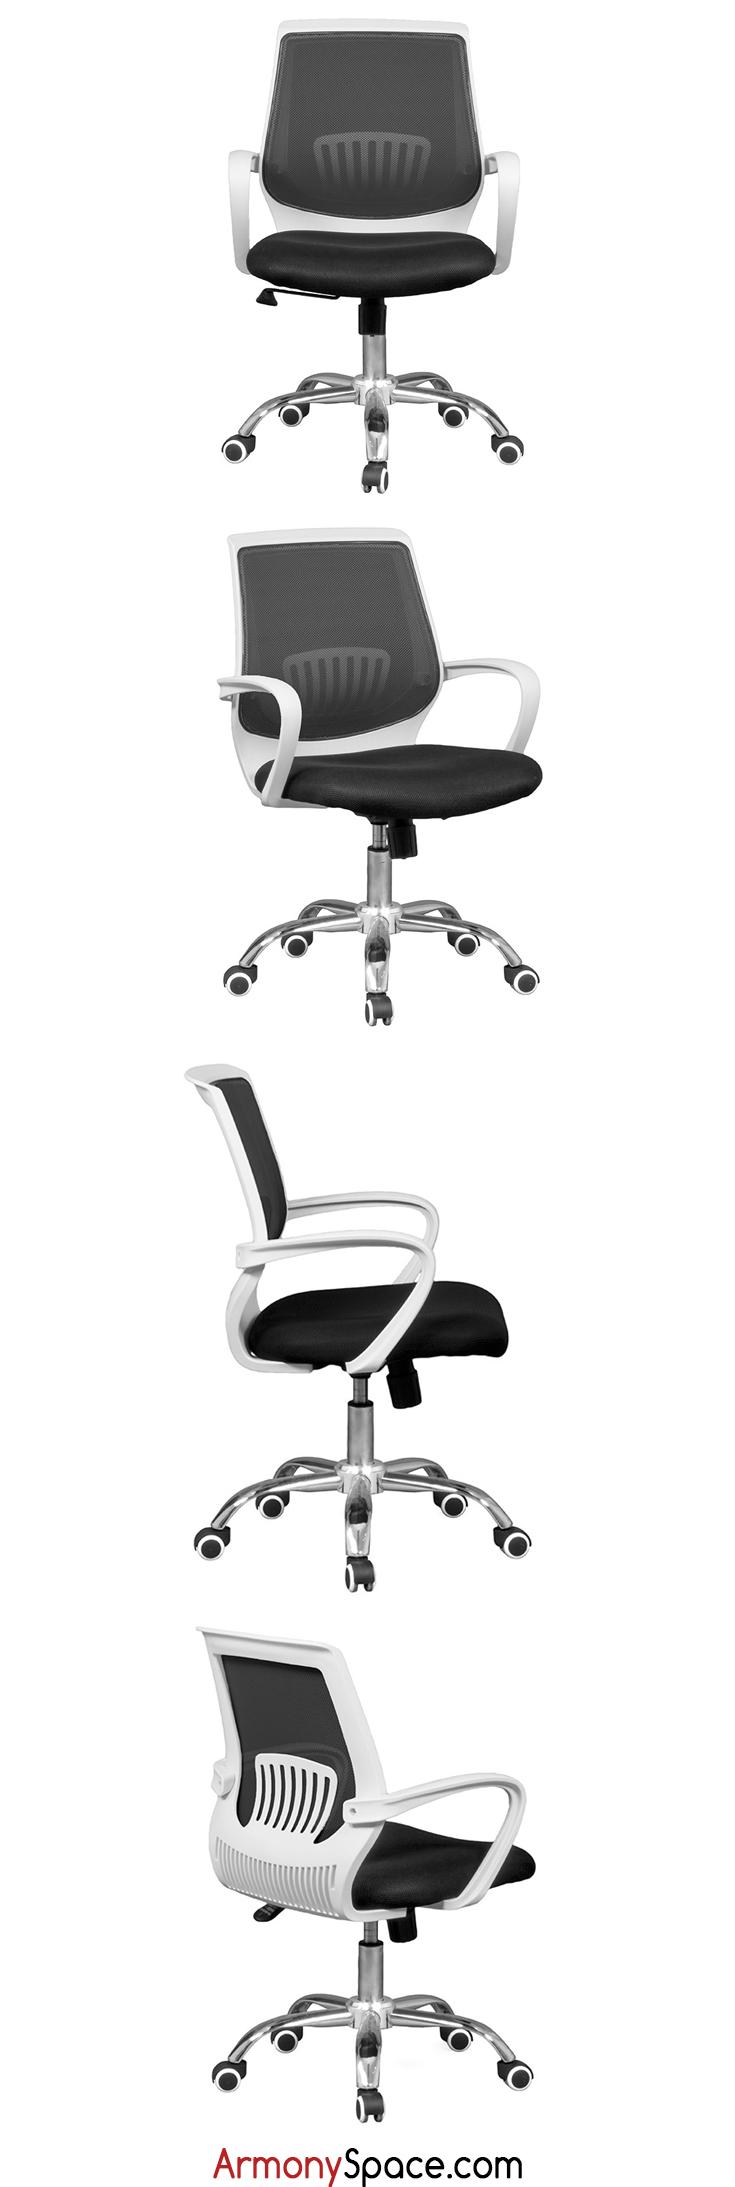 Silla de escritorio switch silla escritorio switch 87 for Silla escritorio comoda